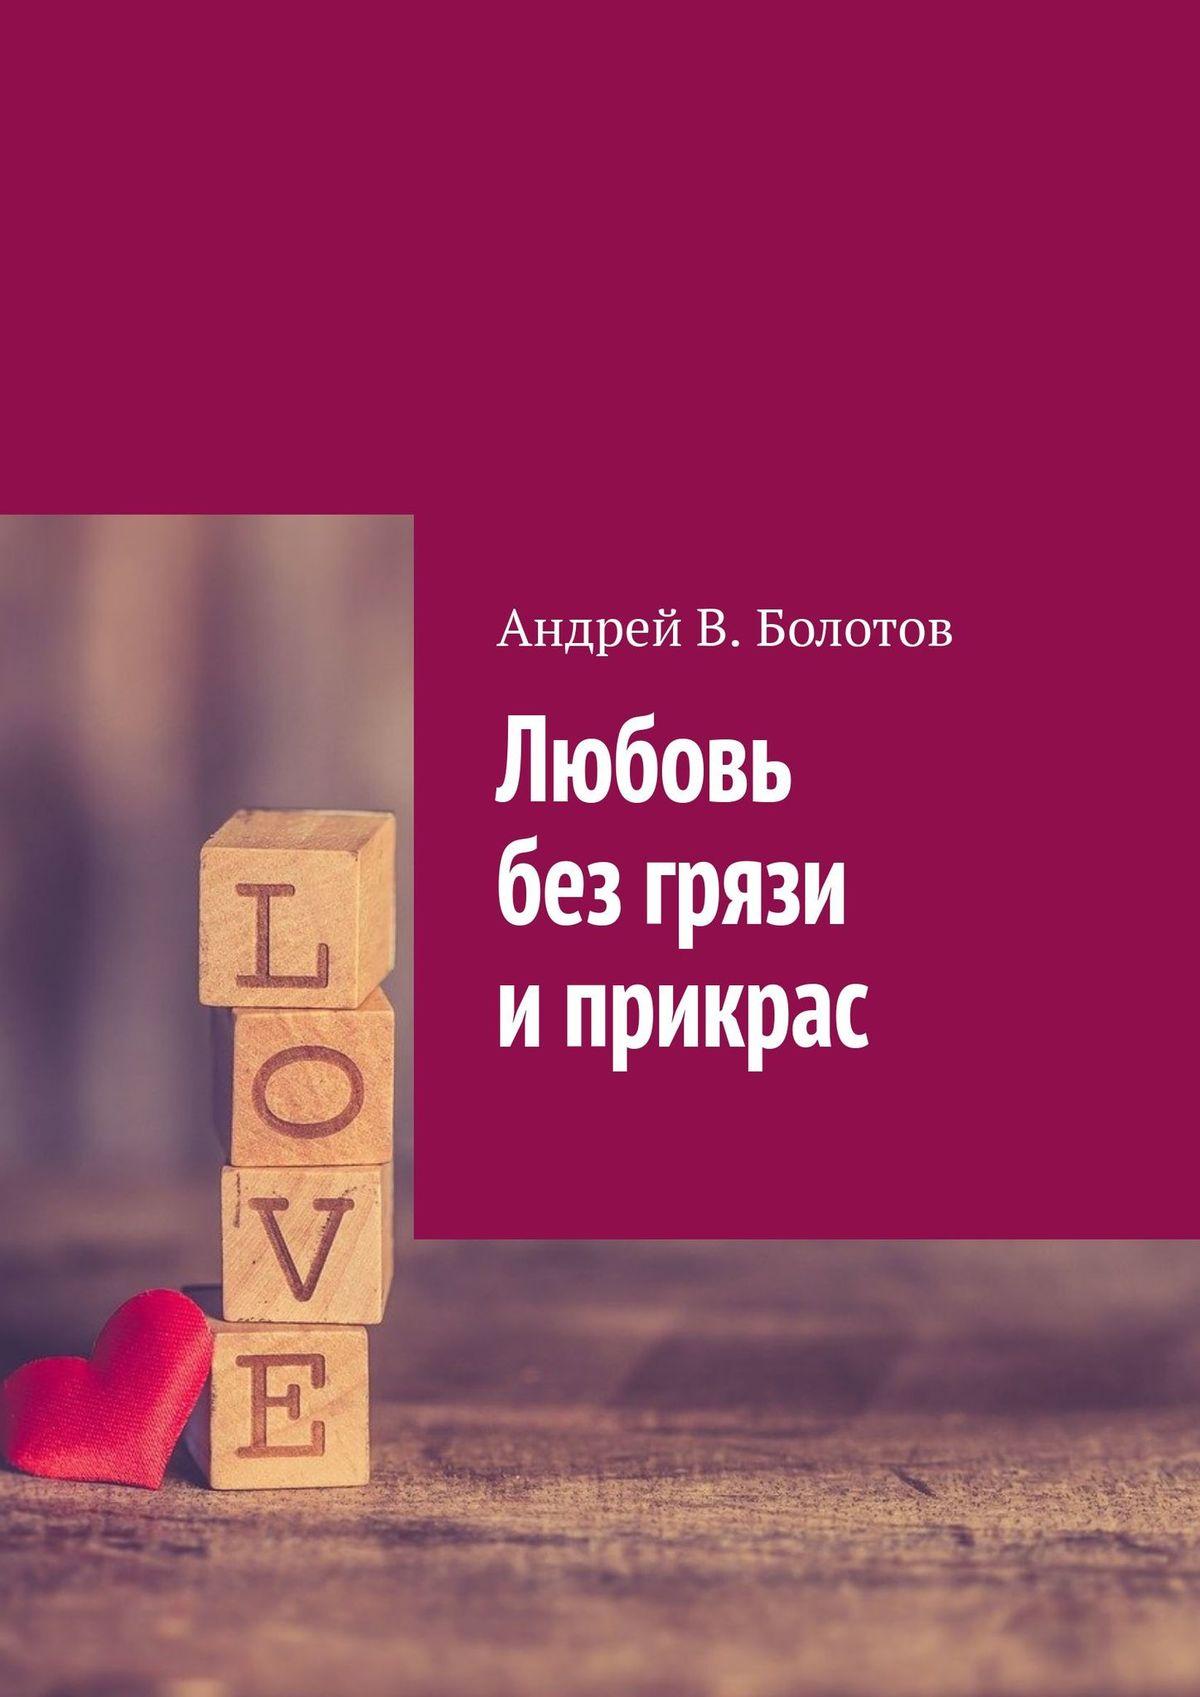 Купить книгу Любовь без грязи иприкрас, автора Андрея В. Болотова